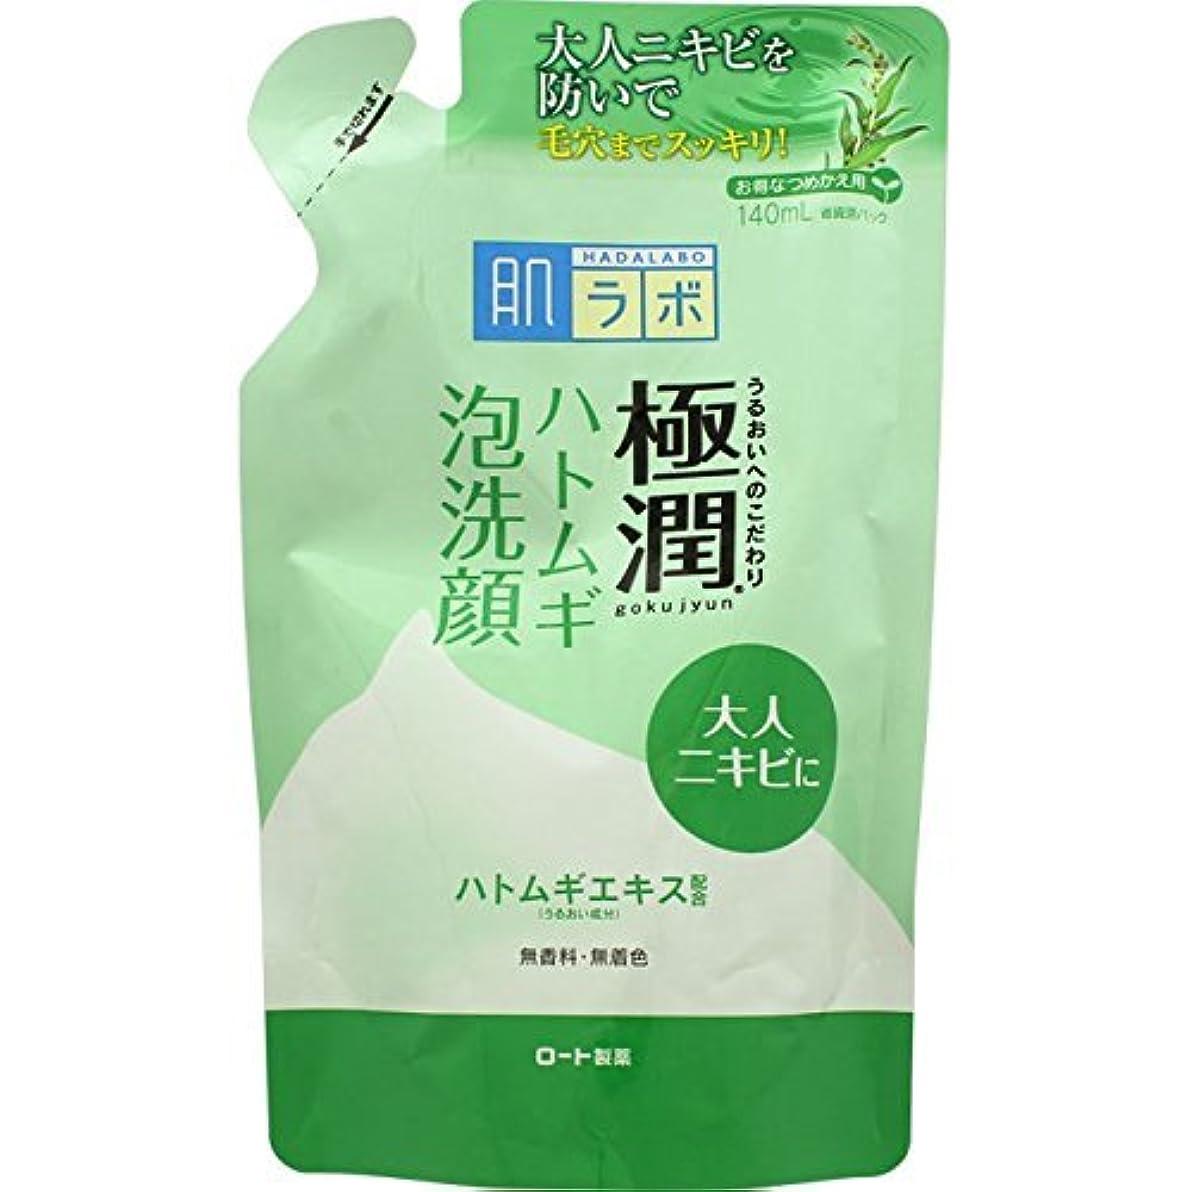 製造全国ボーナス肌ラボ 極潤 ハトムギ泡洗顔 つめかえ用 140mL